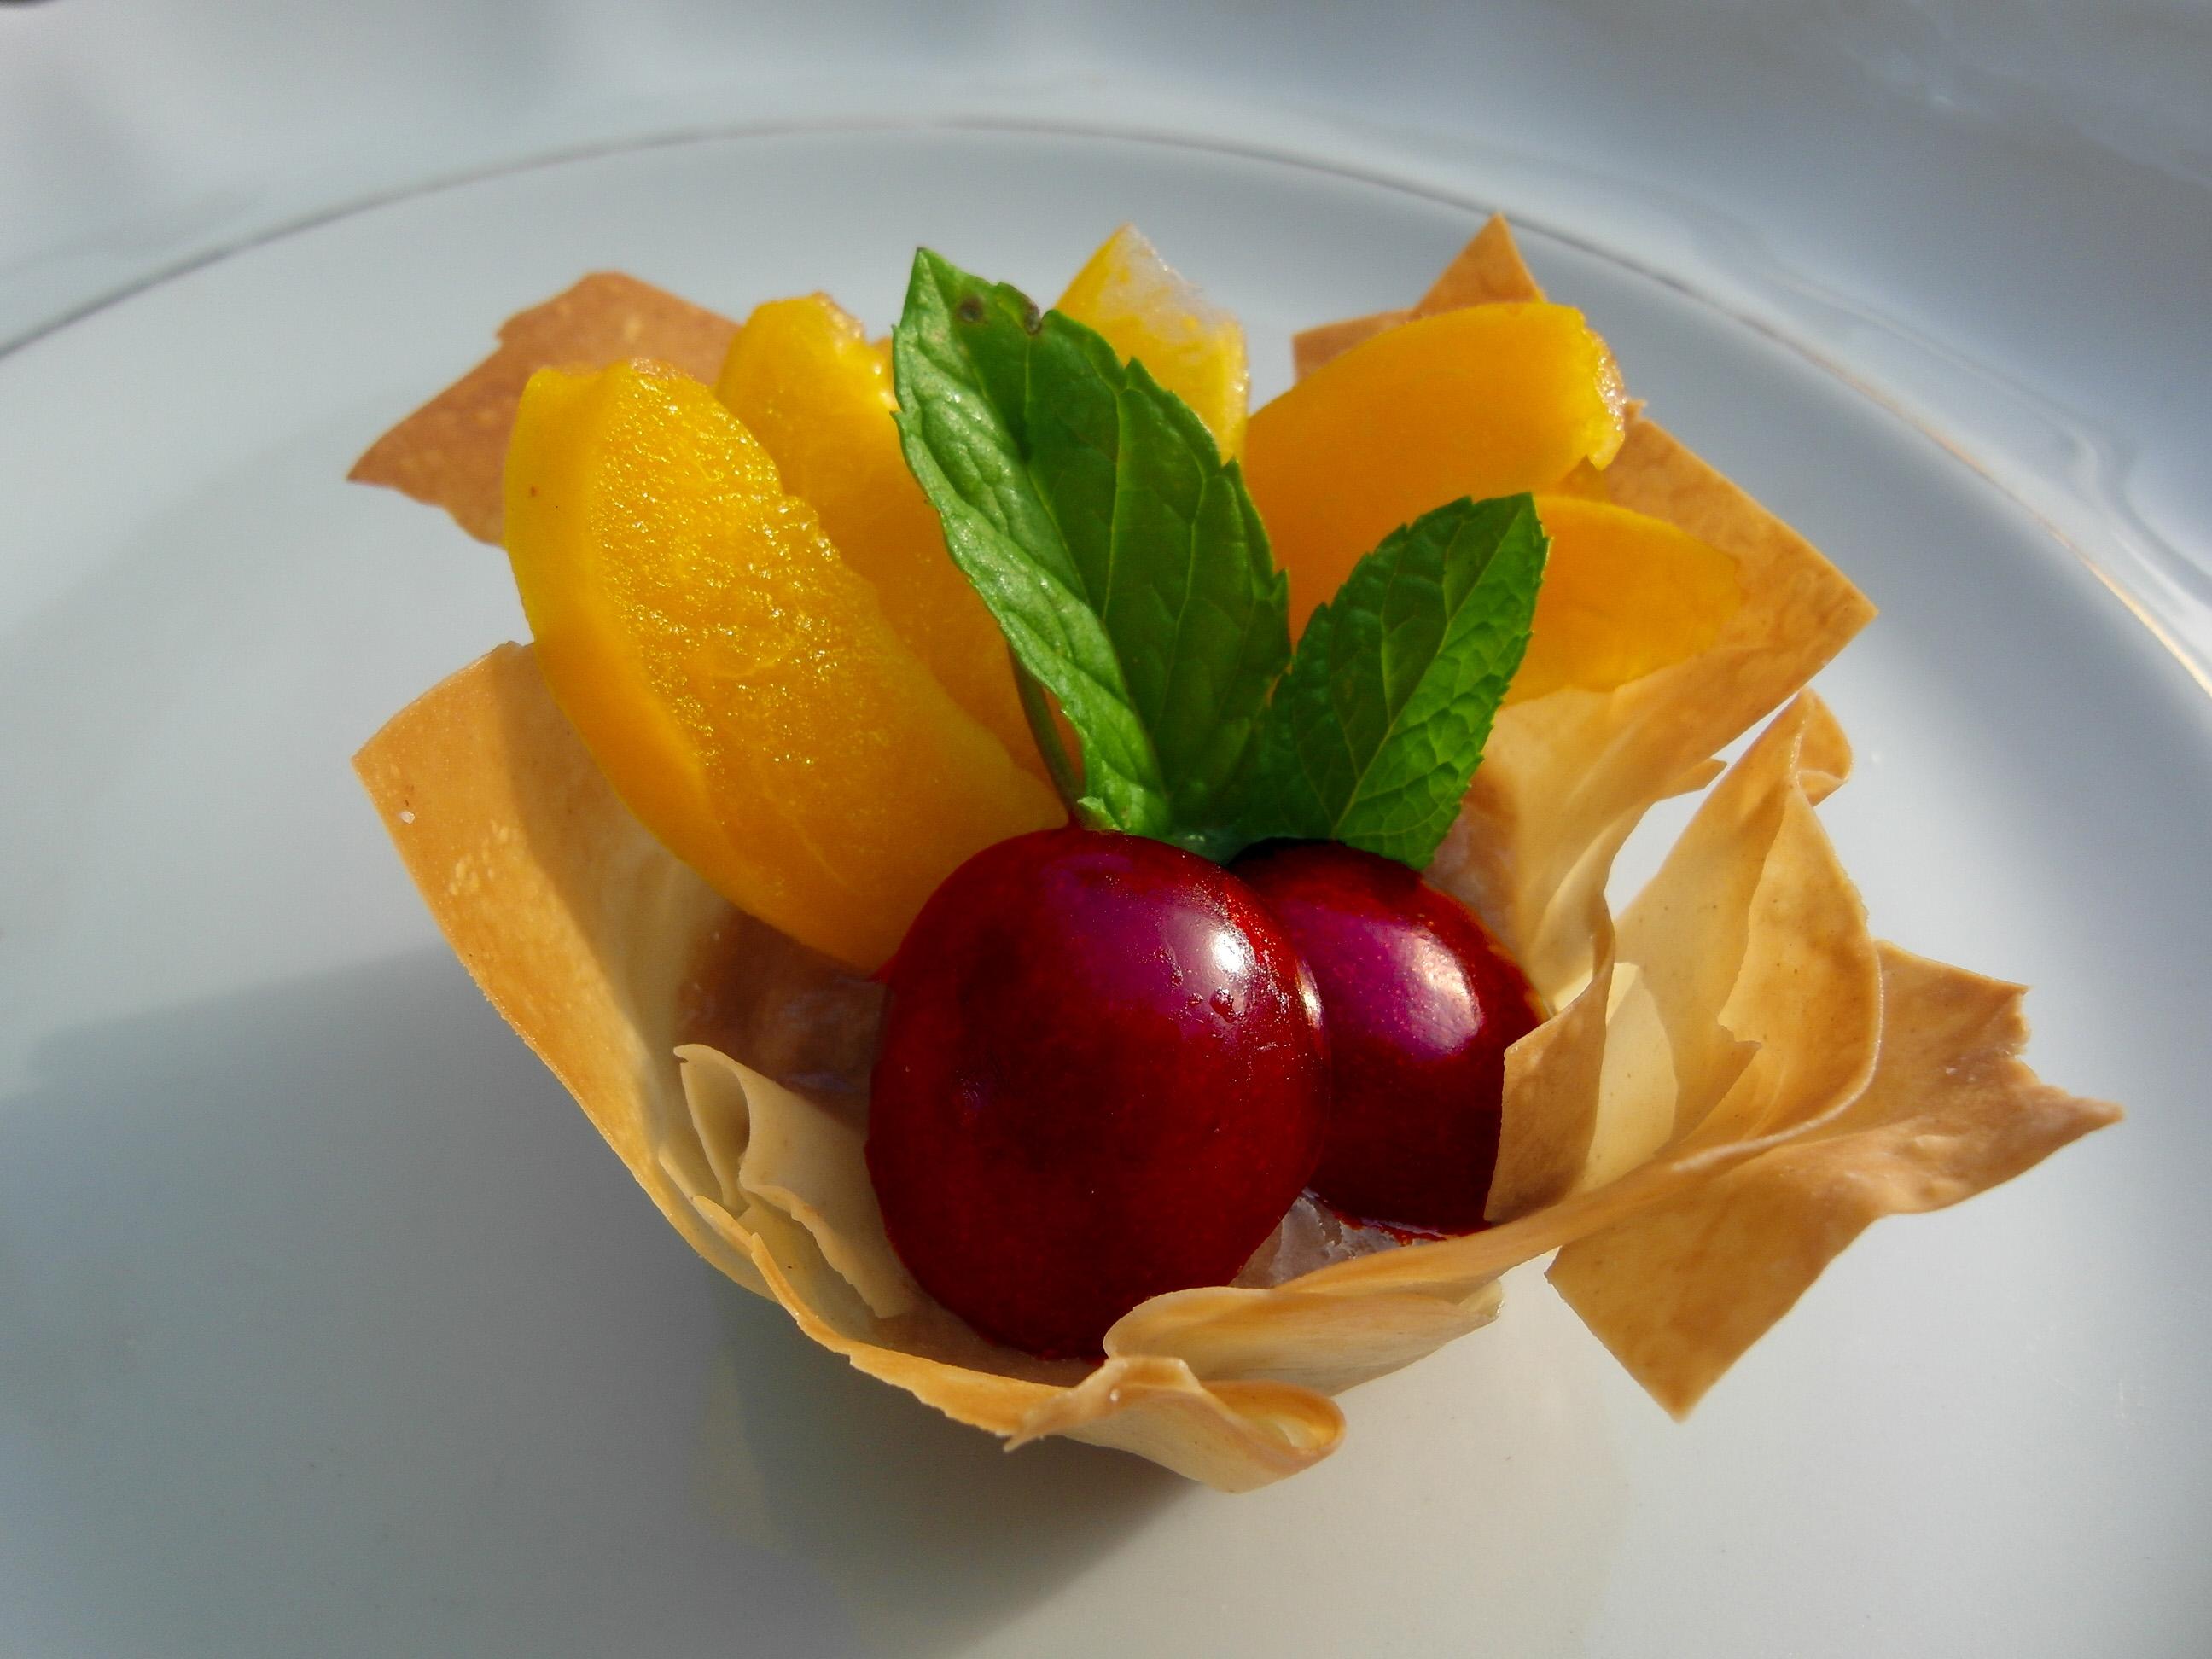 פרחים פריכים עם פירות טריים במילוי קרם בננה-וניל חג שבועות טבעוני